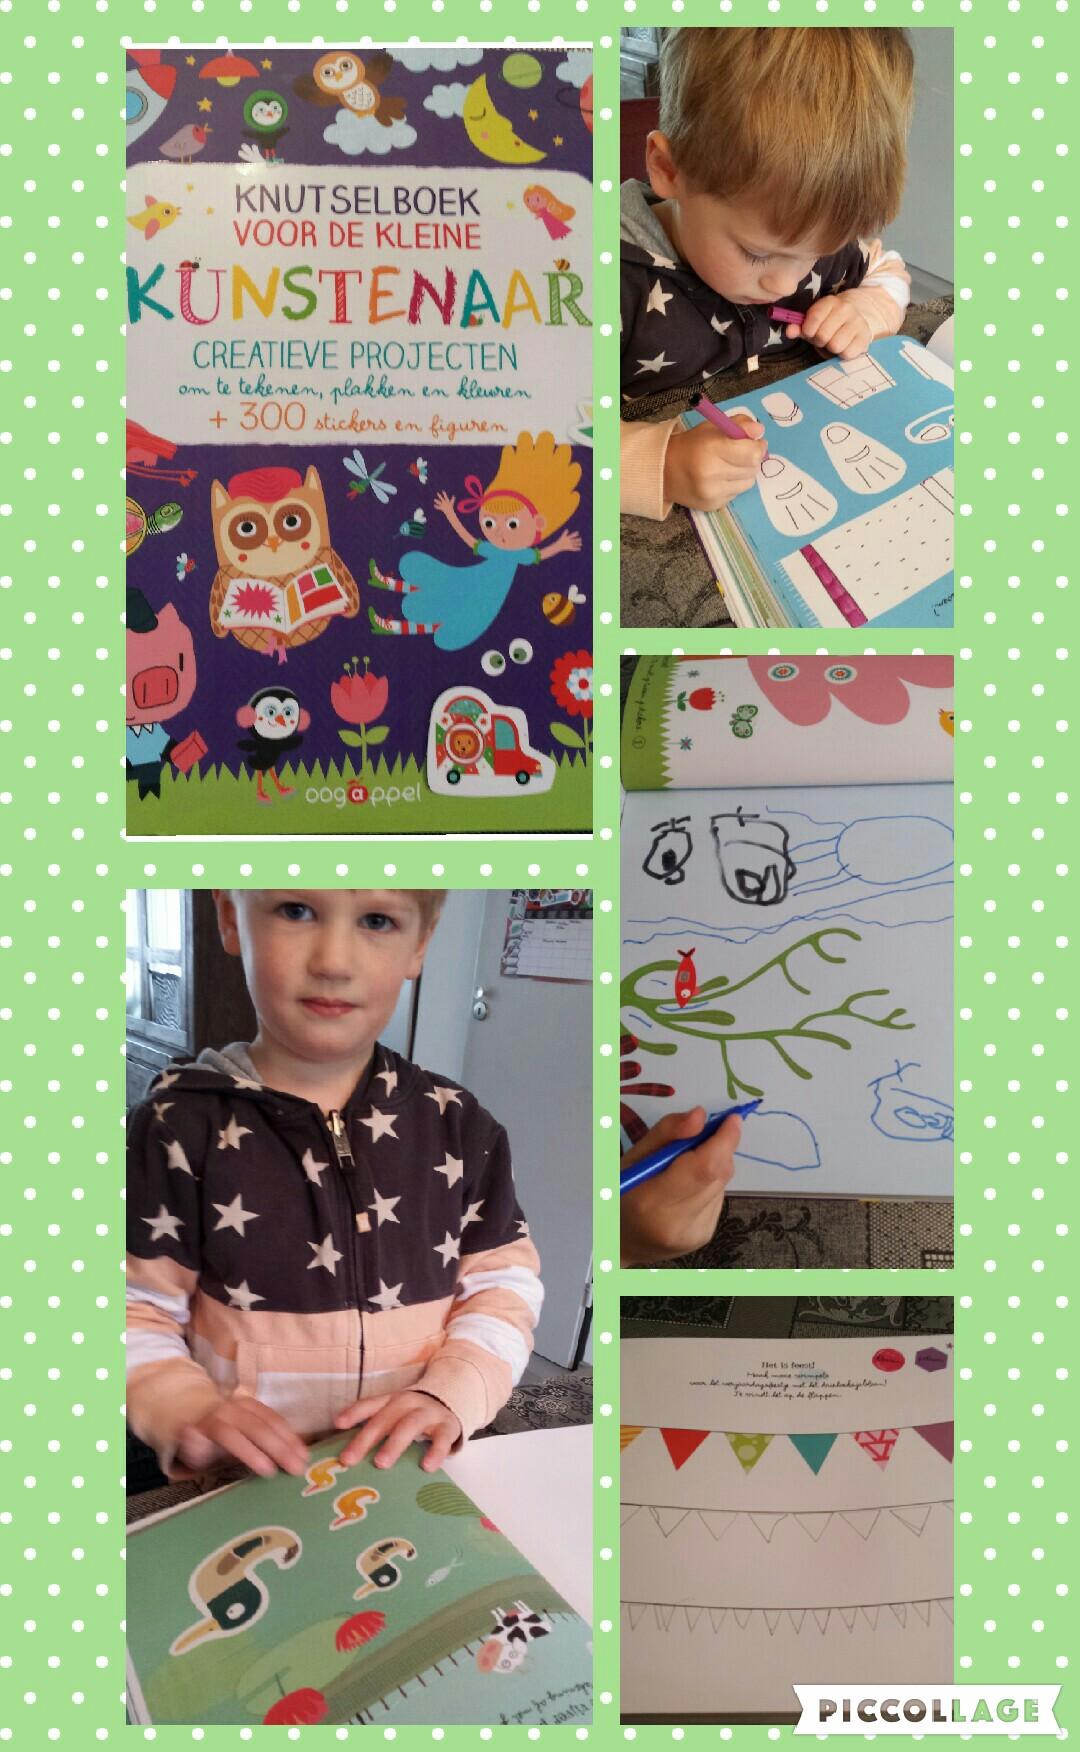 Collage De kleine kunstenaar